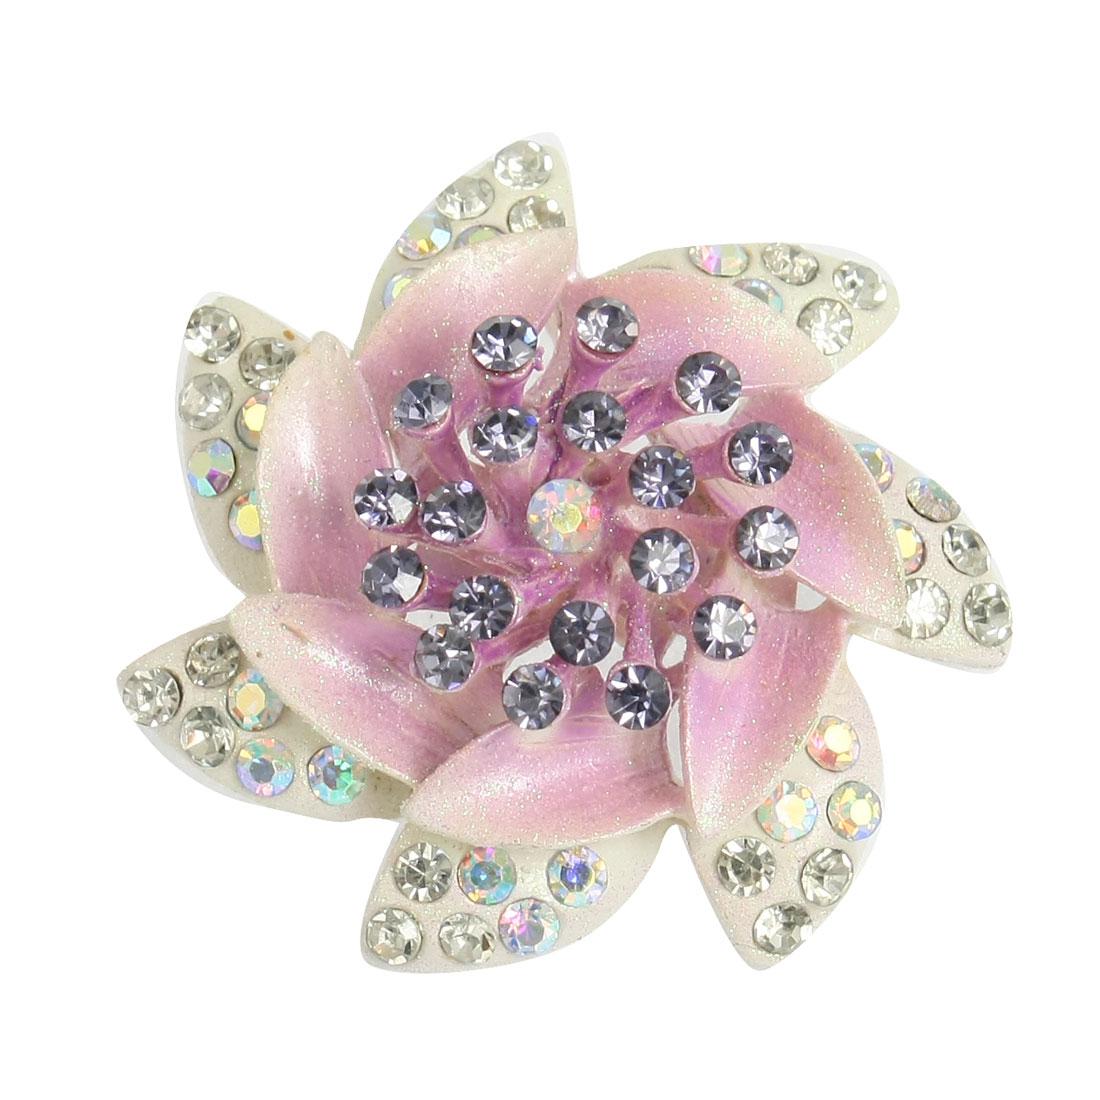 Lavender Rhinestone Decor Flower Brooch Pin Wedding Bridal Corsage